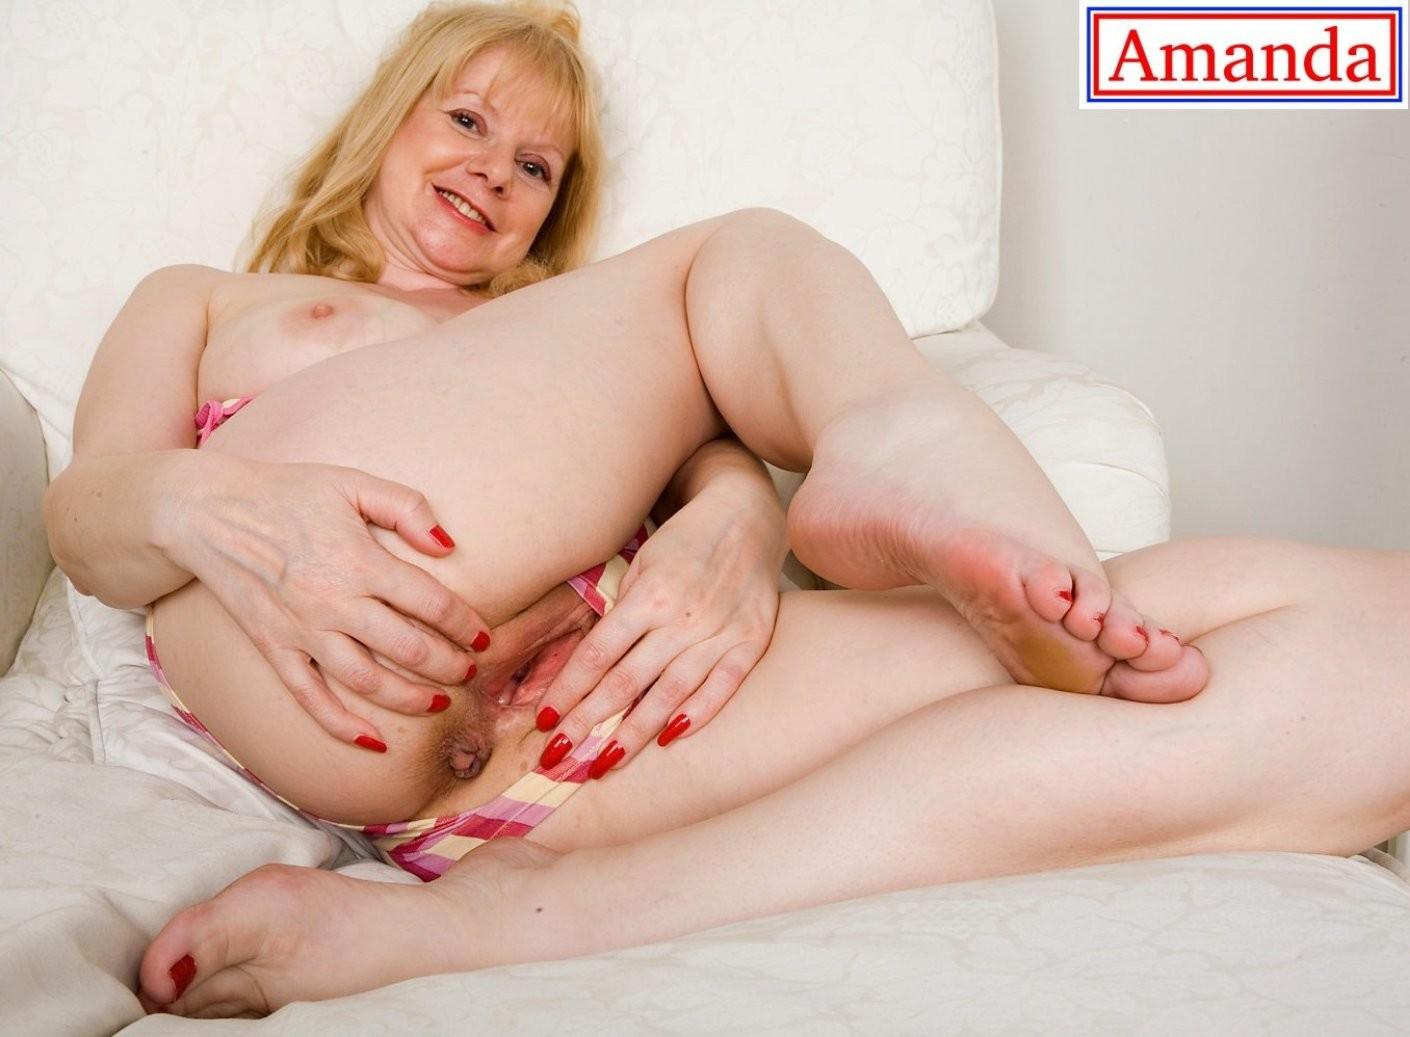 Ножки пожилых (Аманда) - фото сет 1